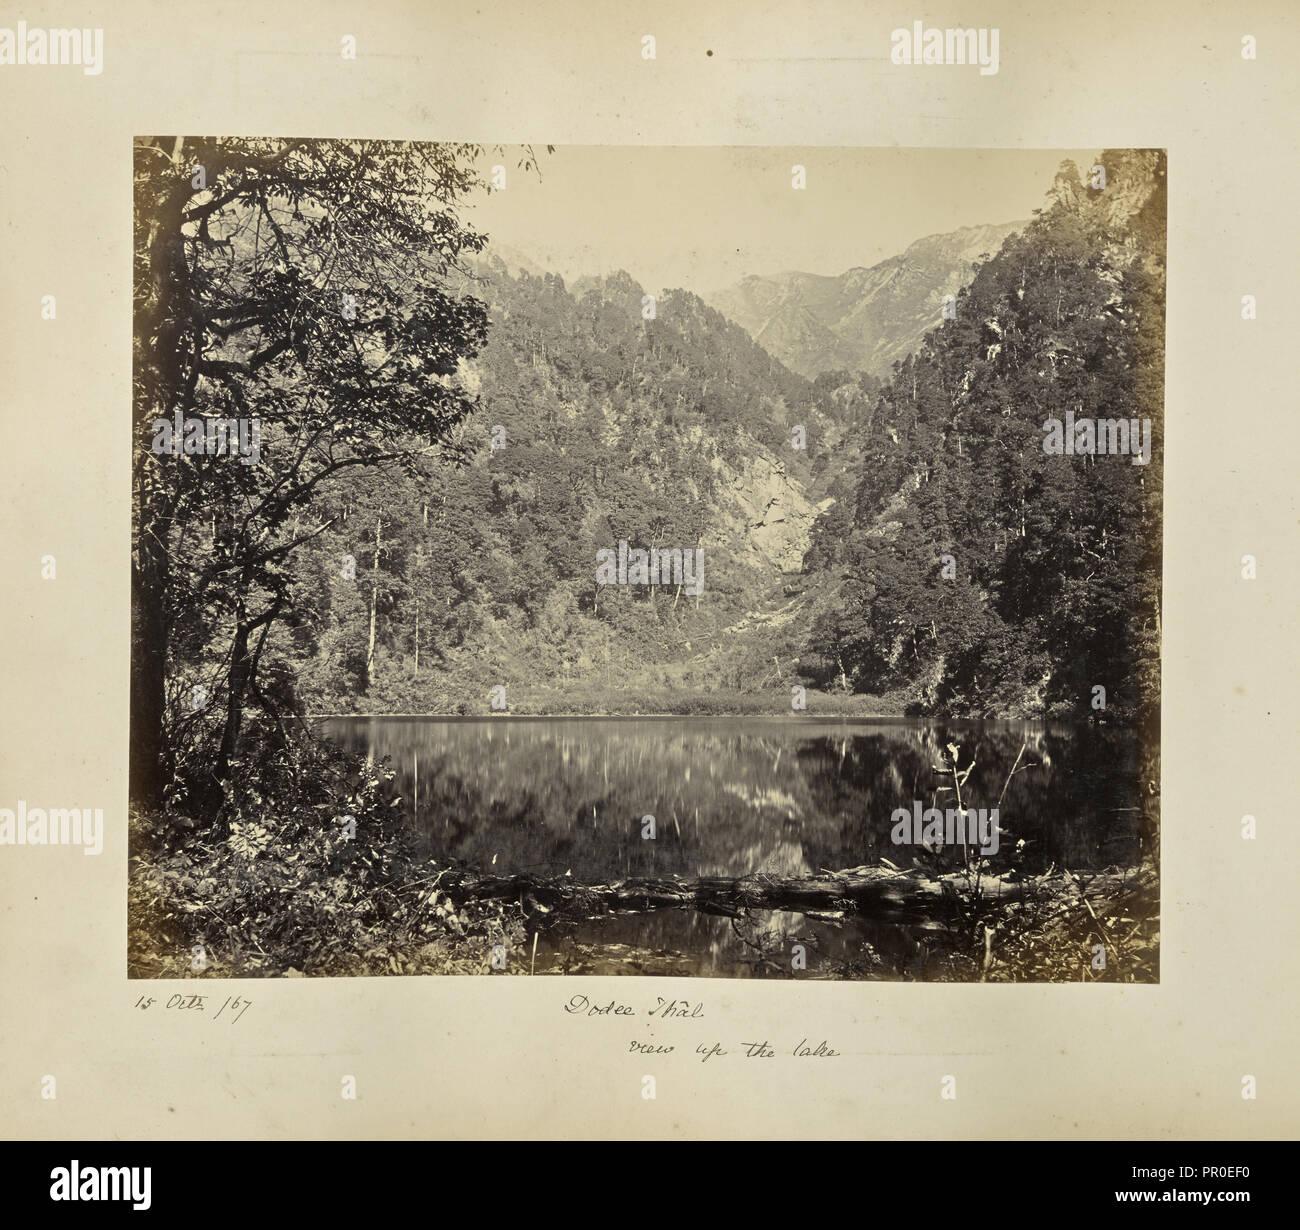 Anzeigen von Dodi Tal; Samuel Bourne, Englisch, 1834-1912, Uttarakhand, Indien, Asien; Oktober 15, 1867; Eiklar silber Drucken Stockbild